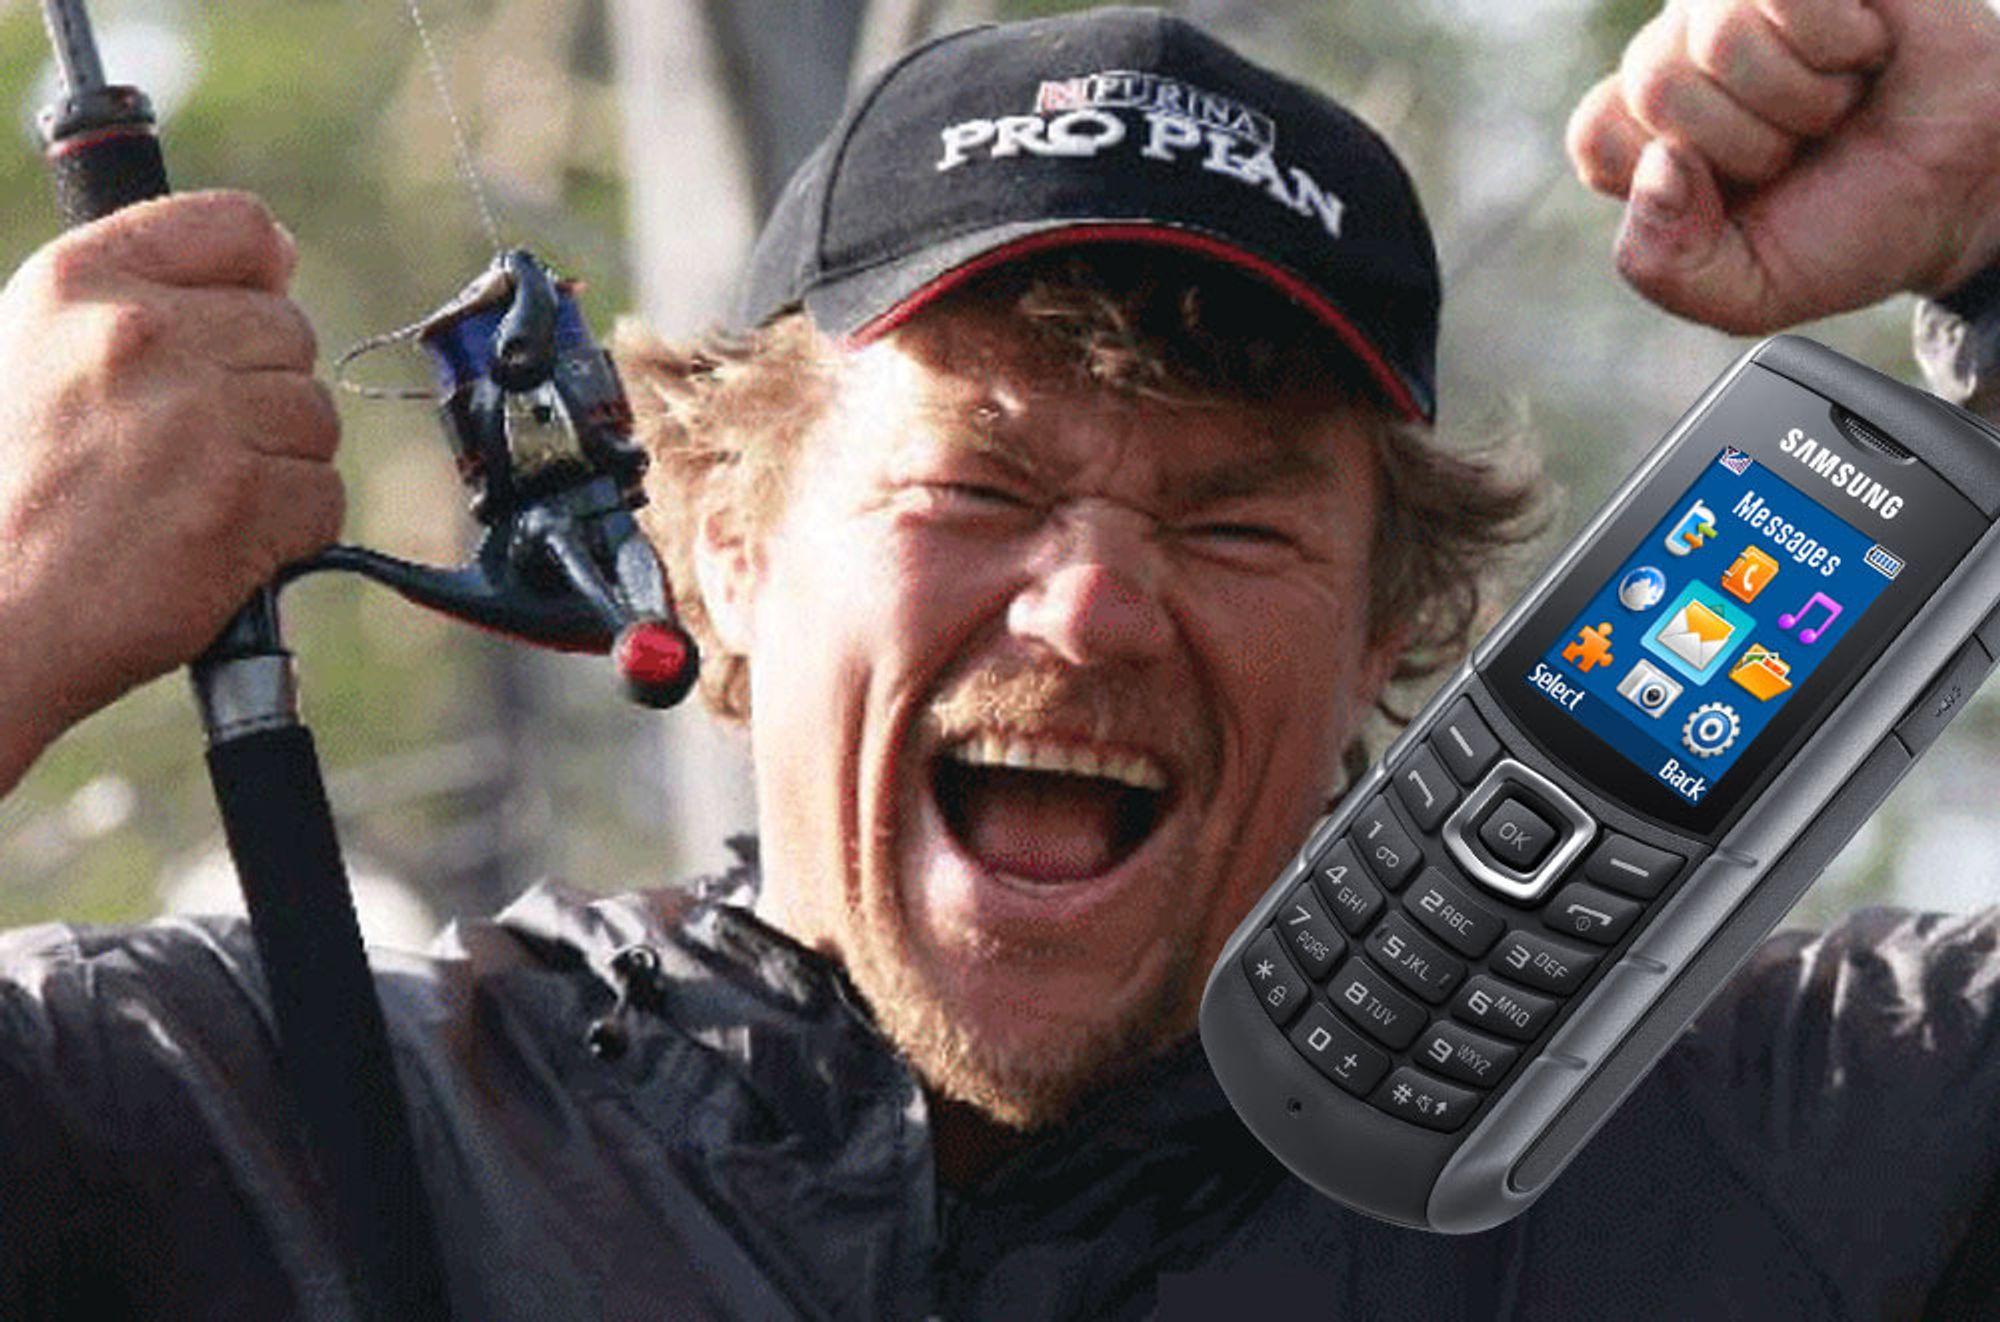 Endelig en mobil for Lars Monsen